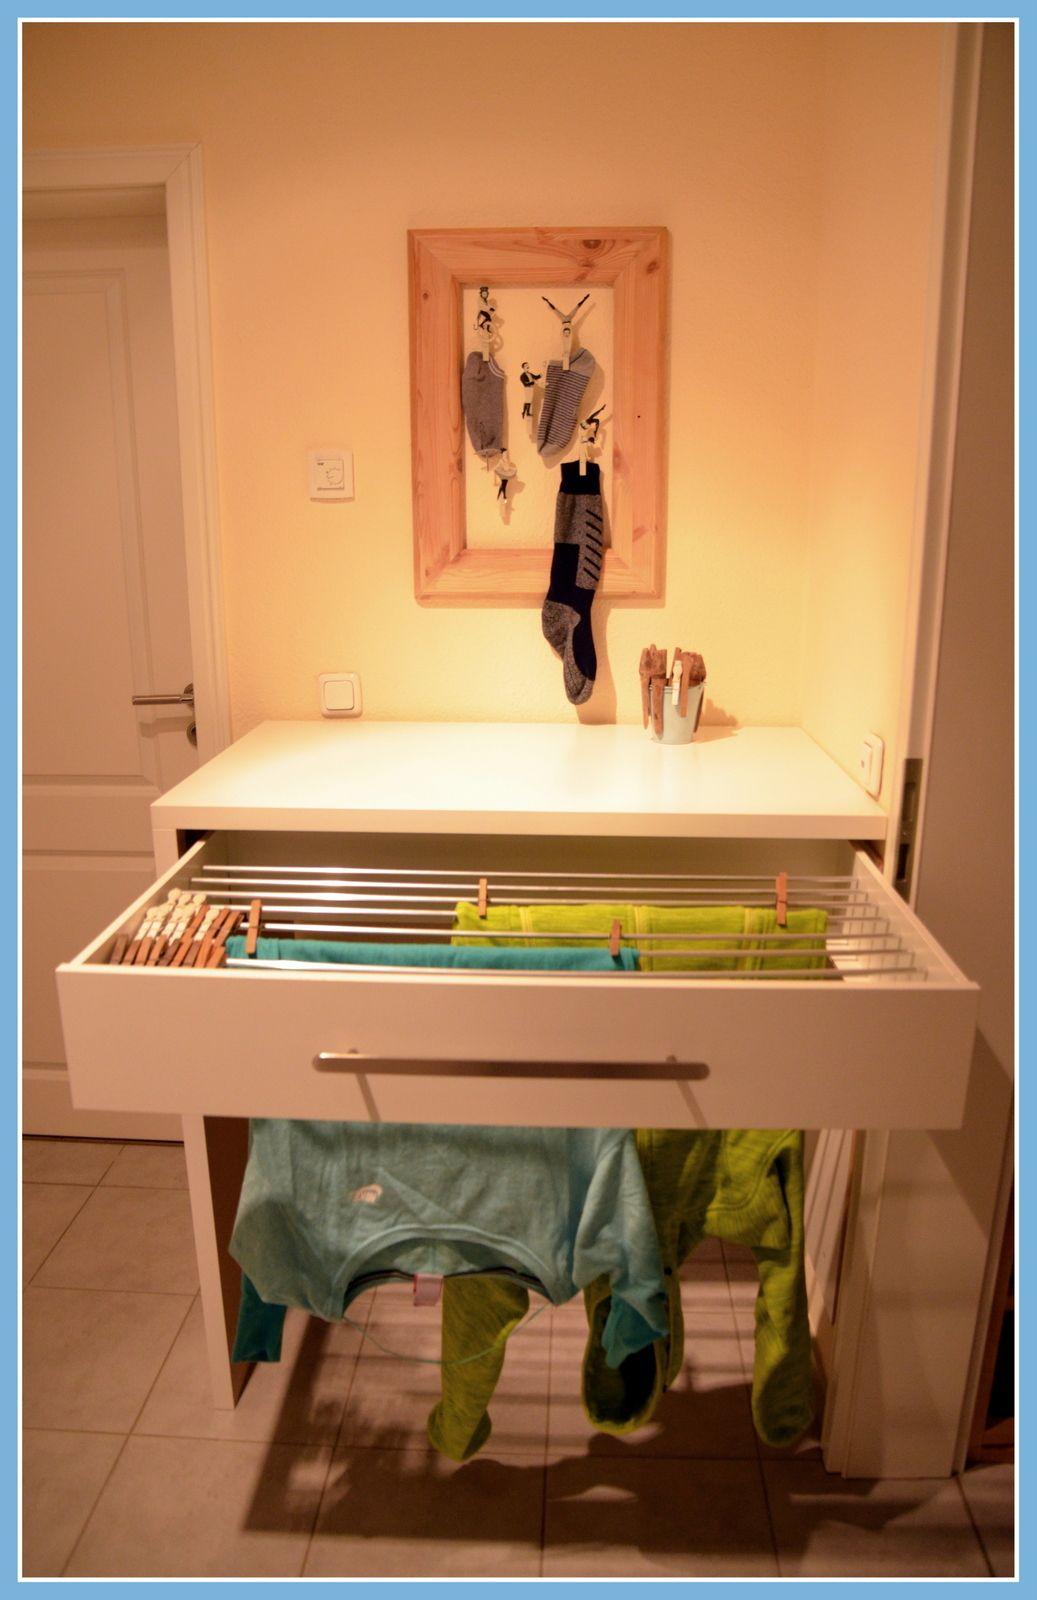 Wäscheständer Ikea wäschetrockner wäscheständer in ikea komplement schublade diy